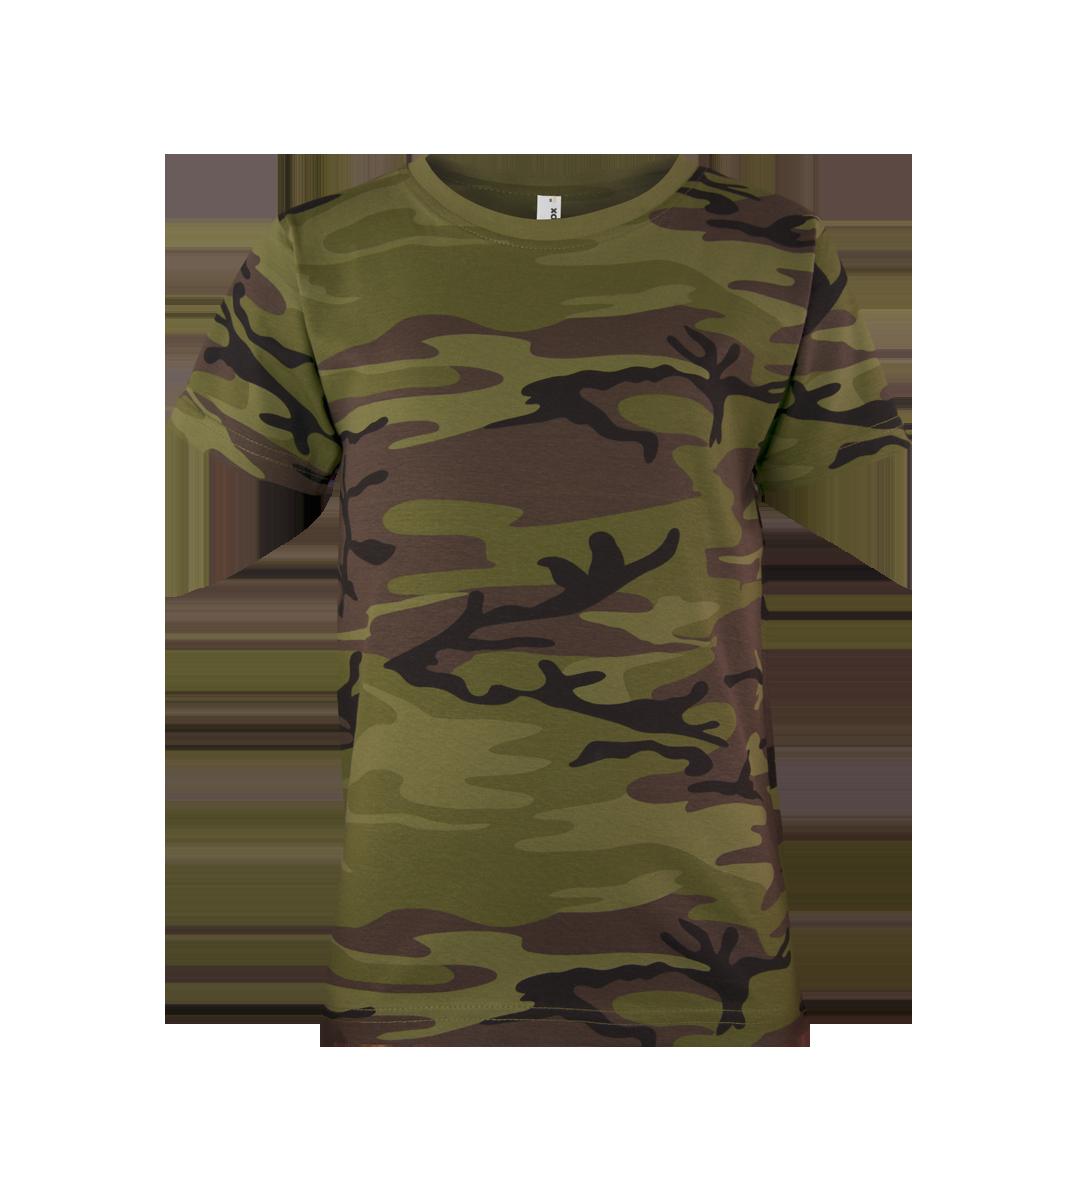 c643b985ba2c ALEX FOX detské maskáčové tričko MILITARY 117 s krátkym rukávom empty